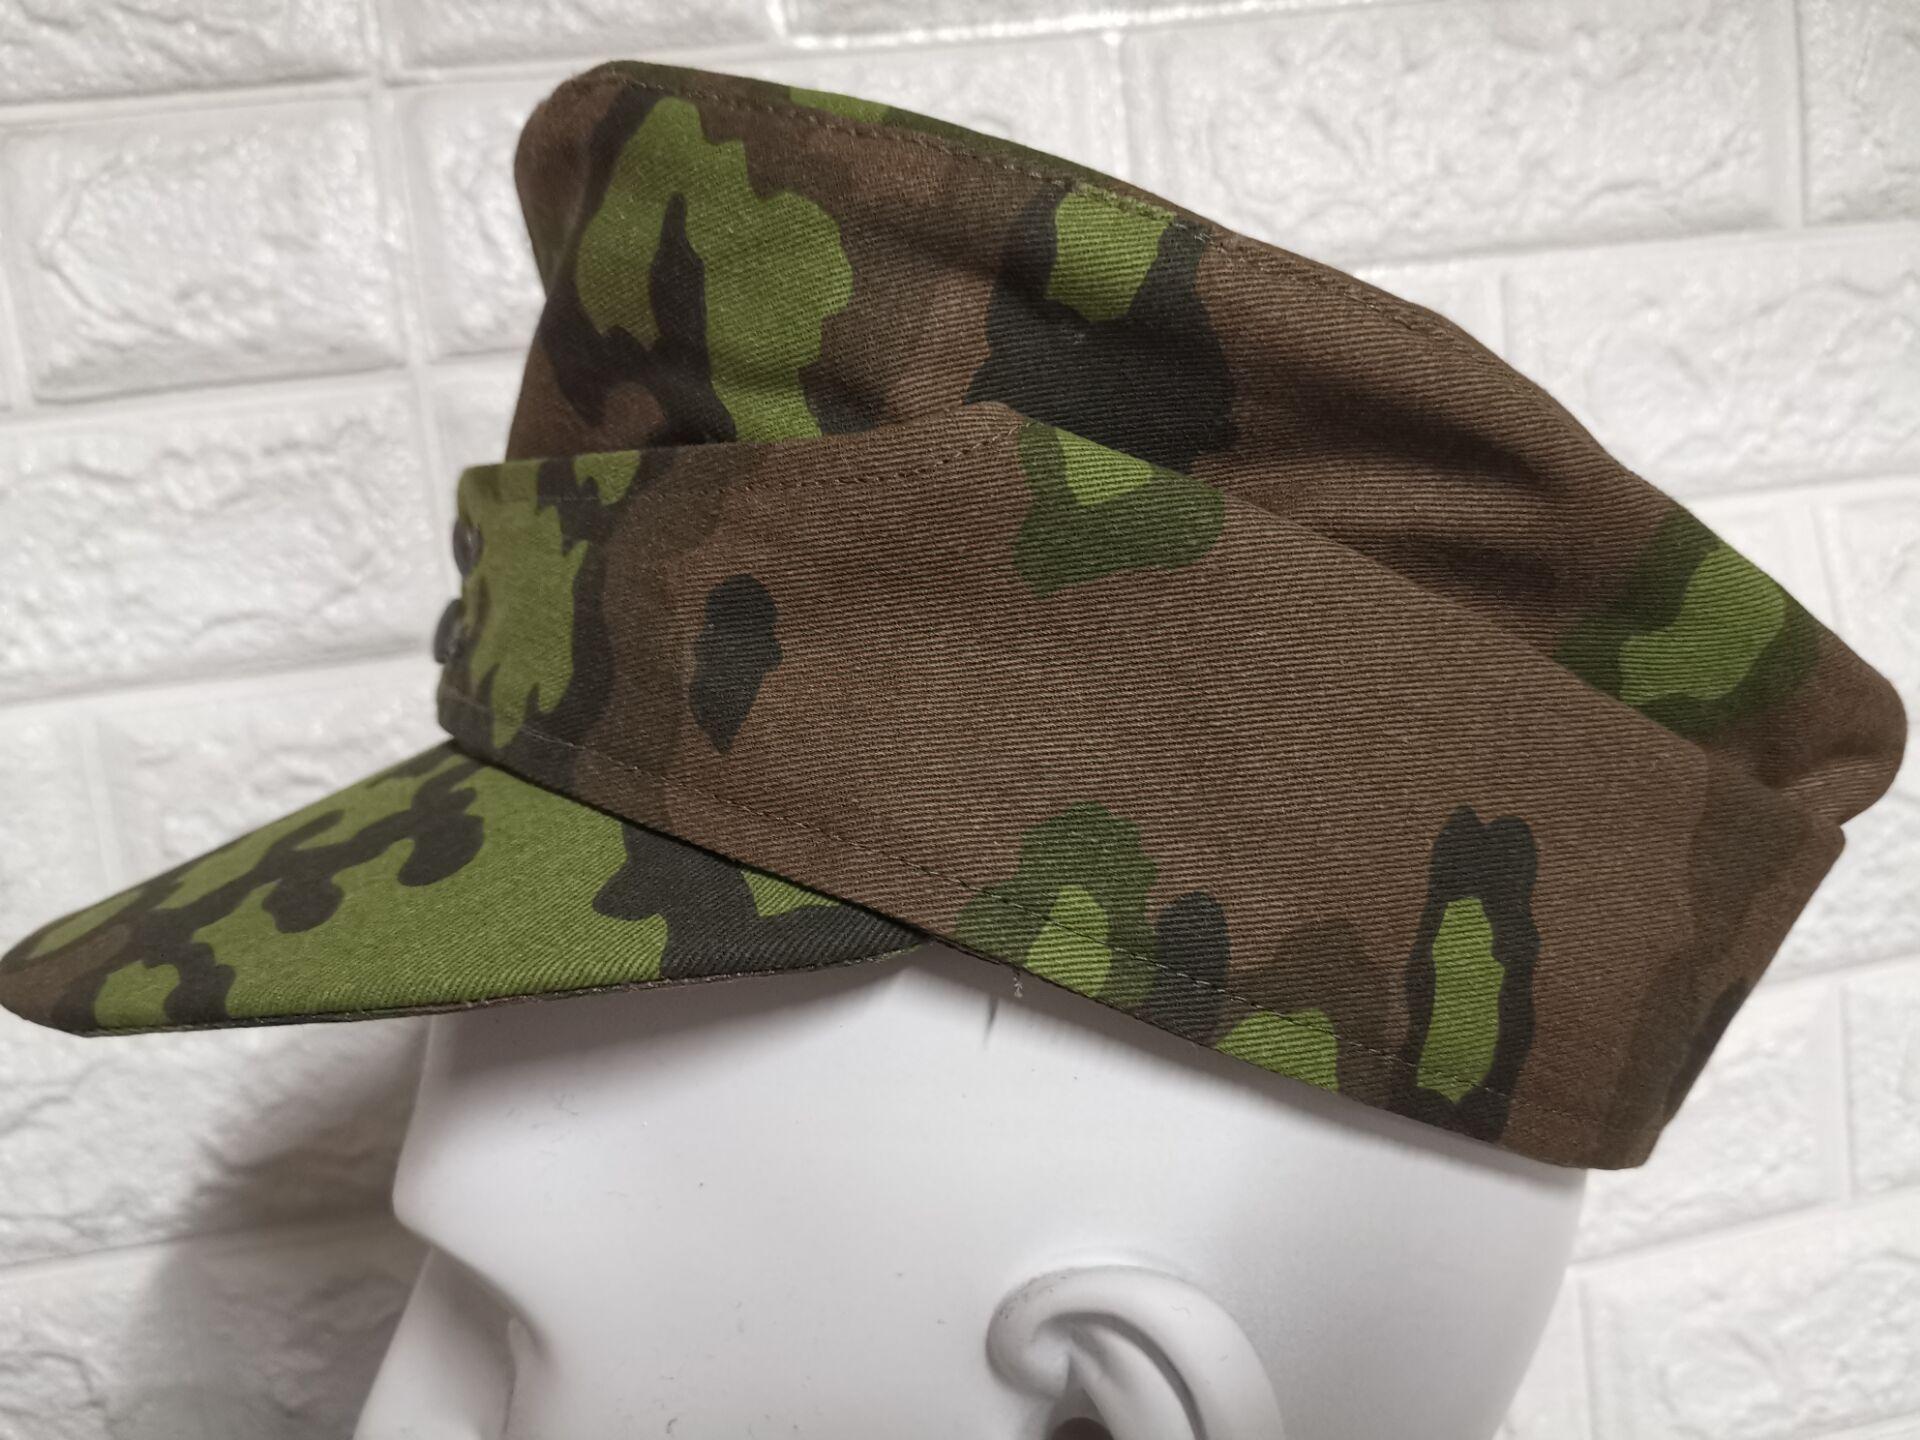 WW2 E.M.D الألمانية. M43 قبعة. التمويه